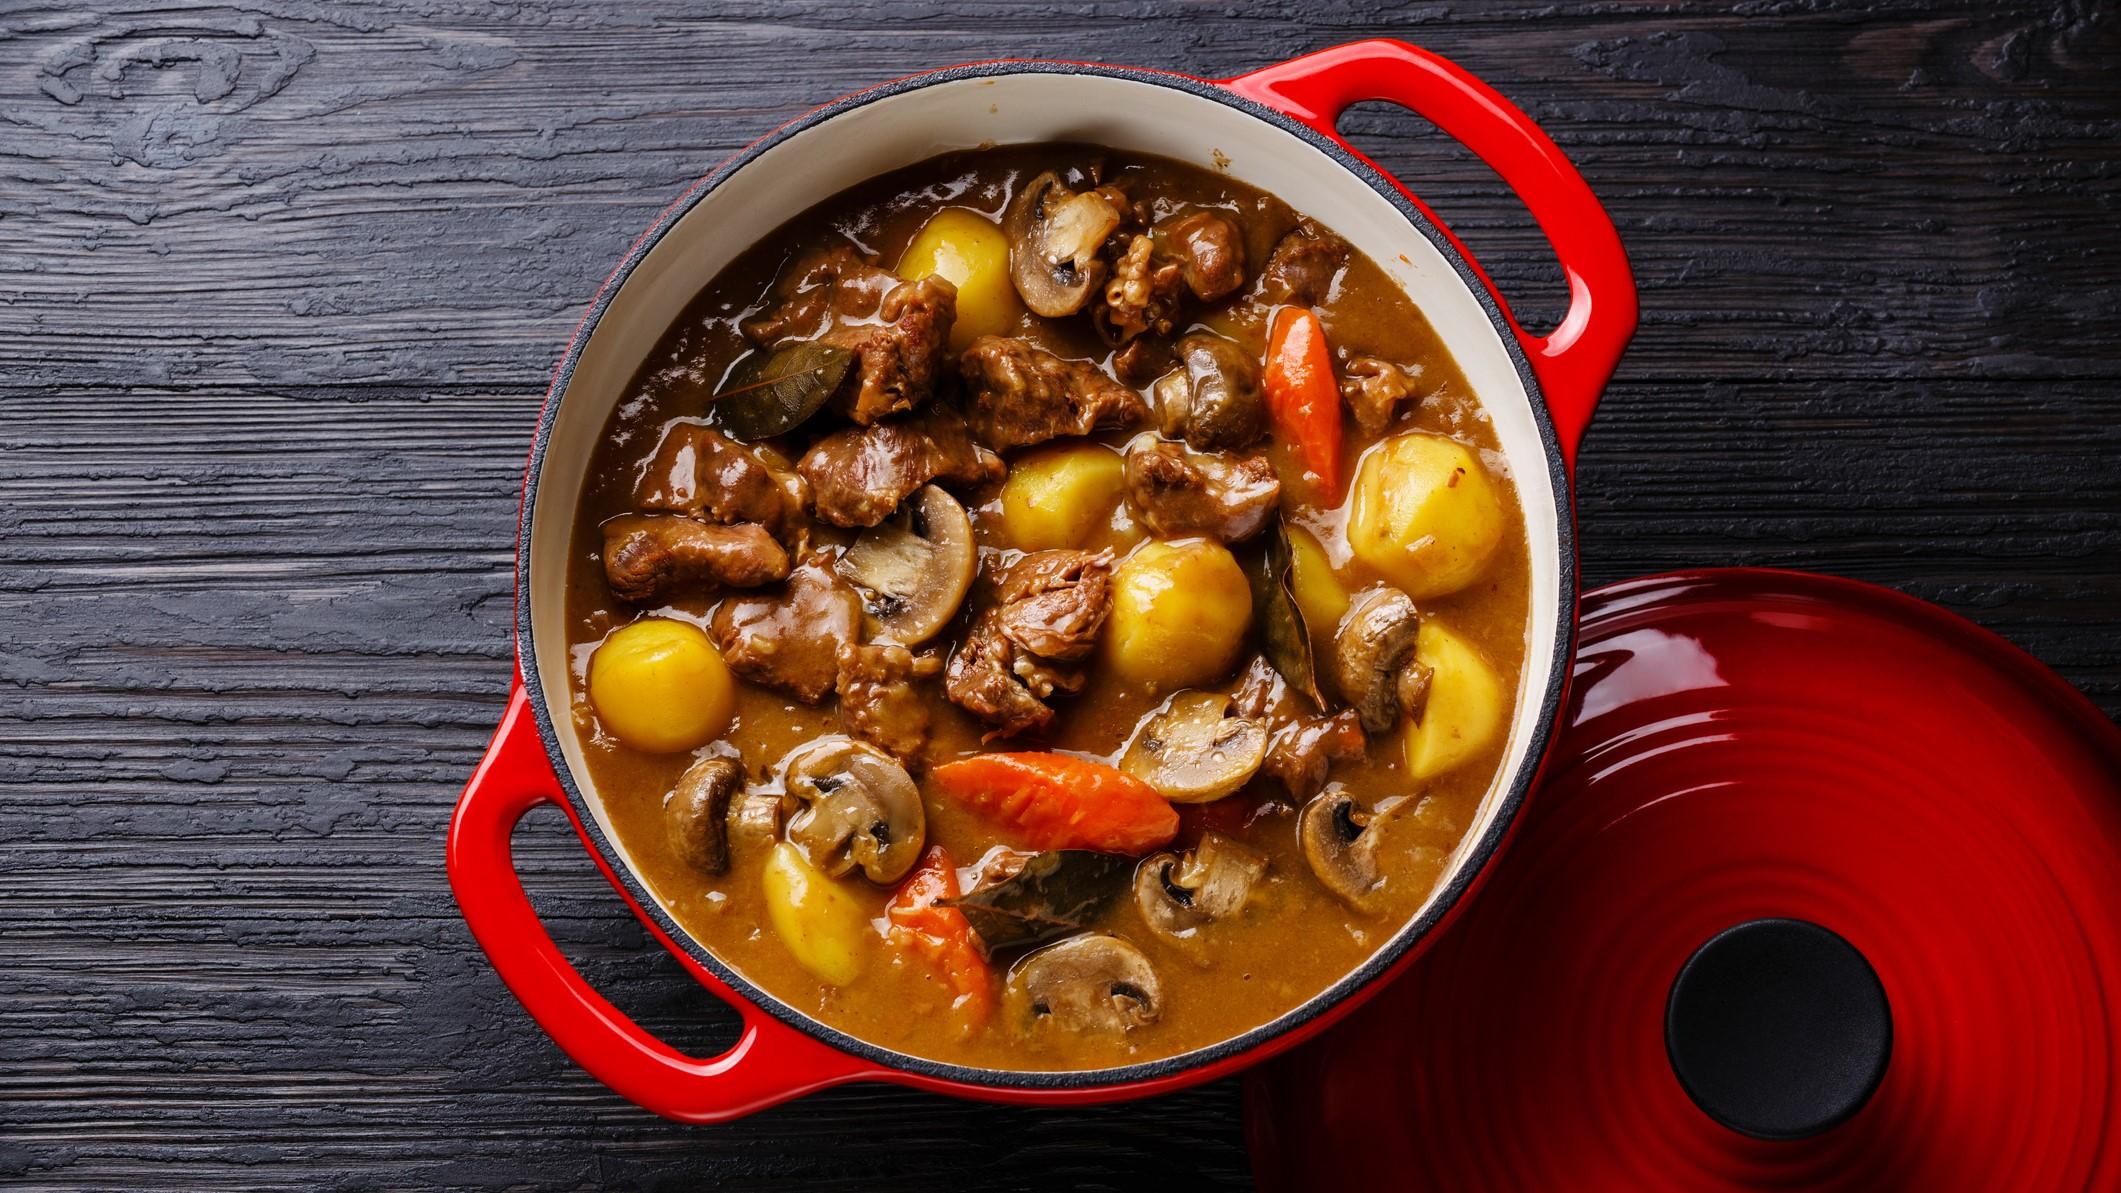 Roter Topf gefüllt mit Pilzgulasch mit Kartoffeln und Gemüse auf dunklem Holzuntergrund.